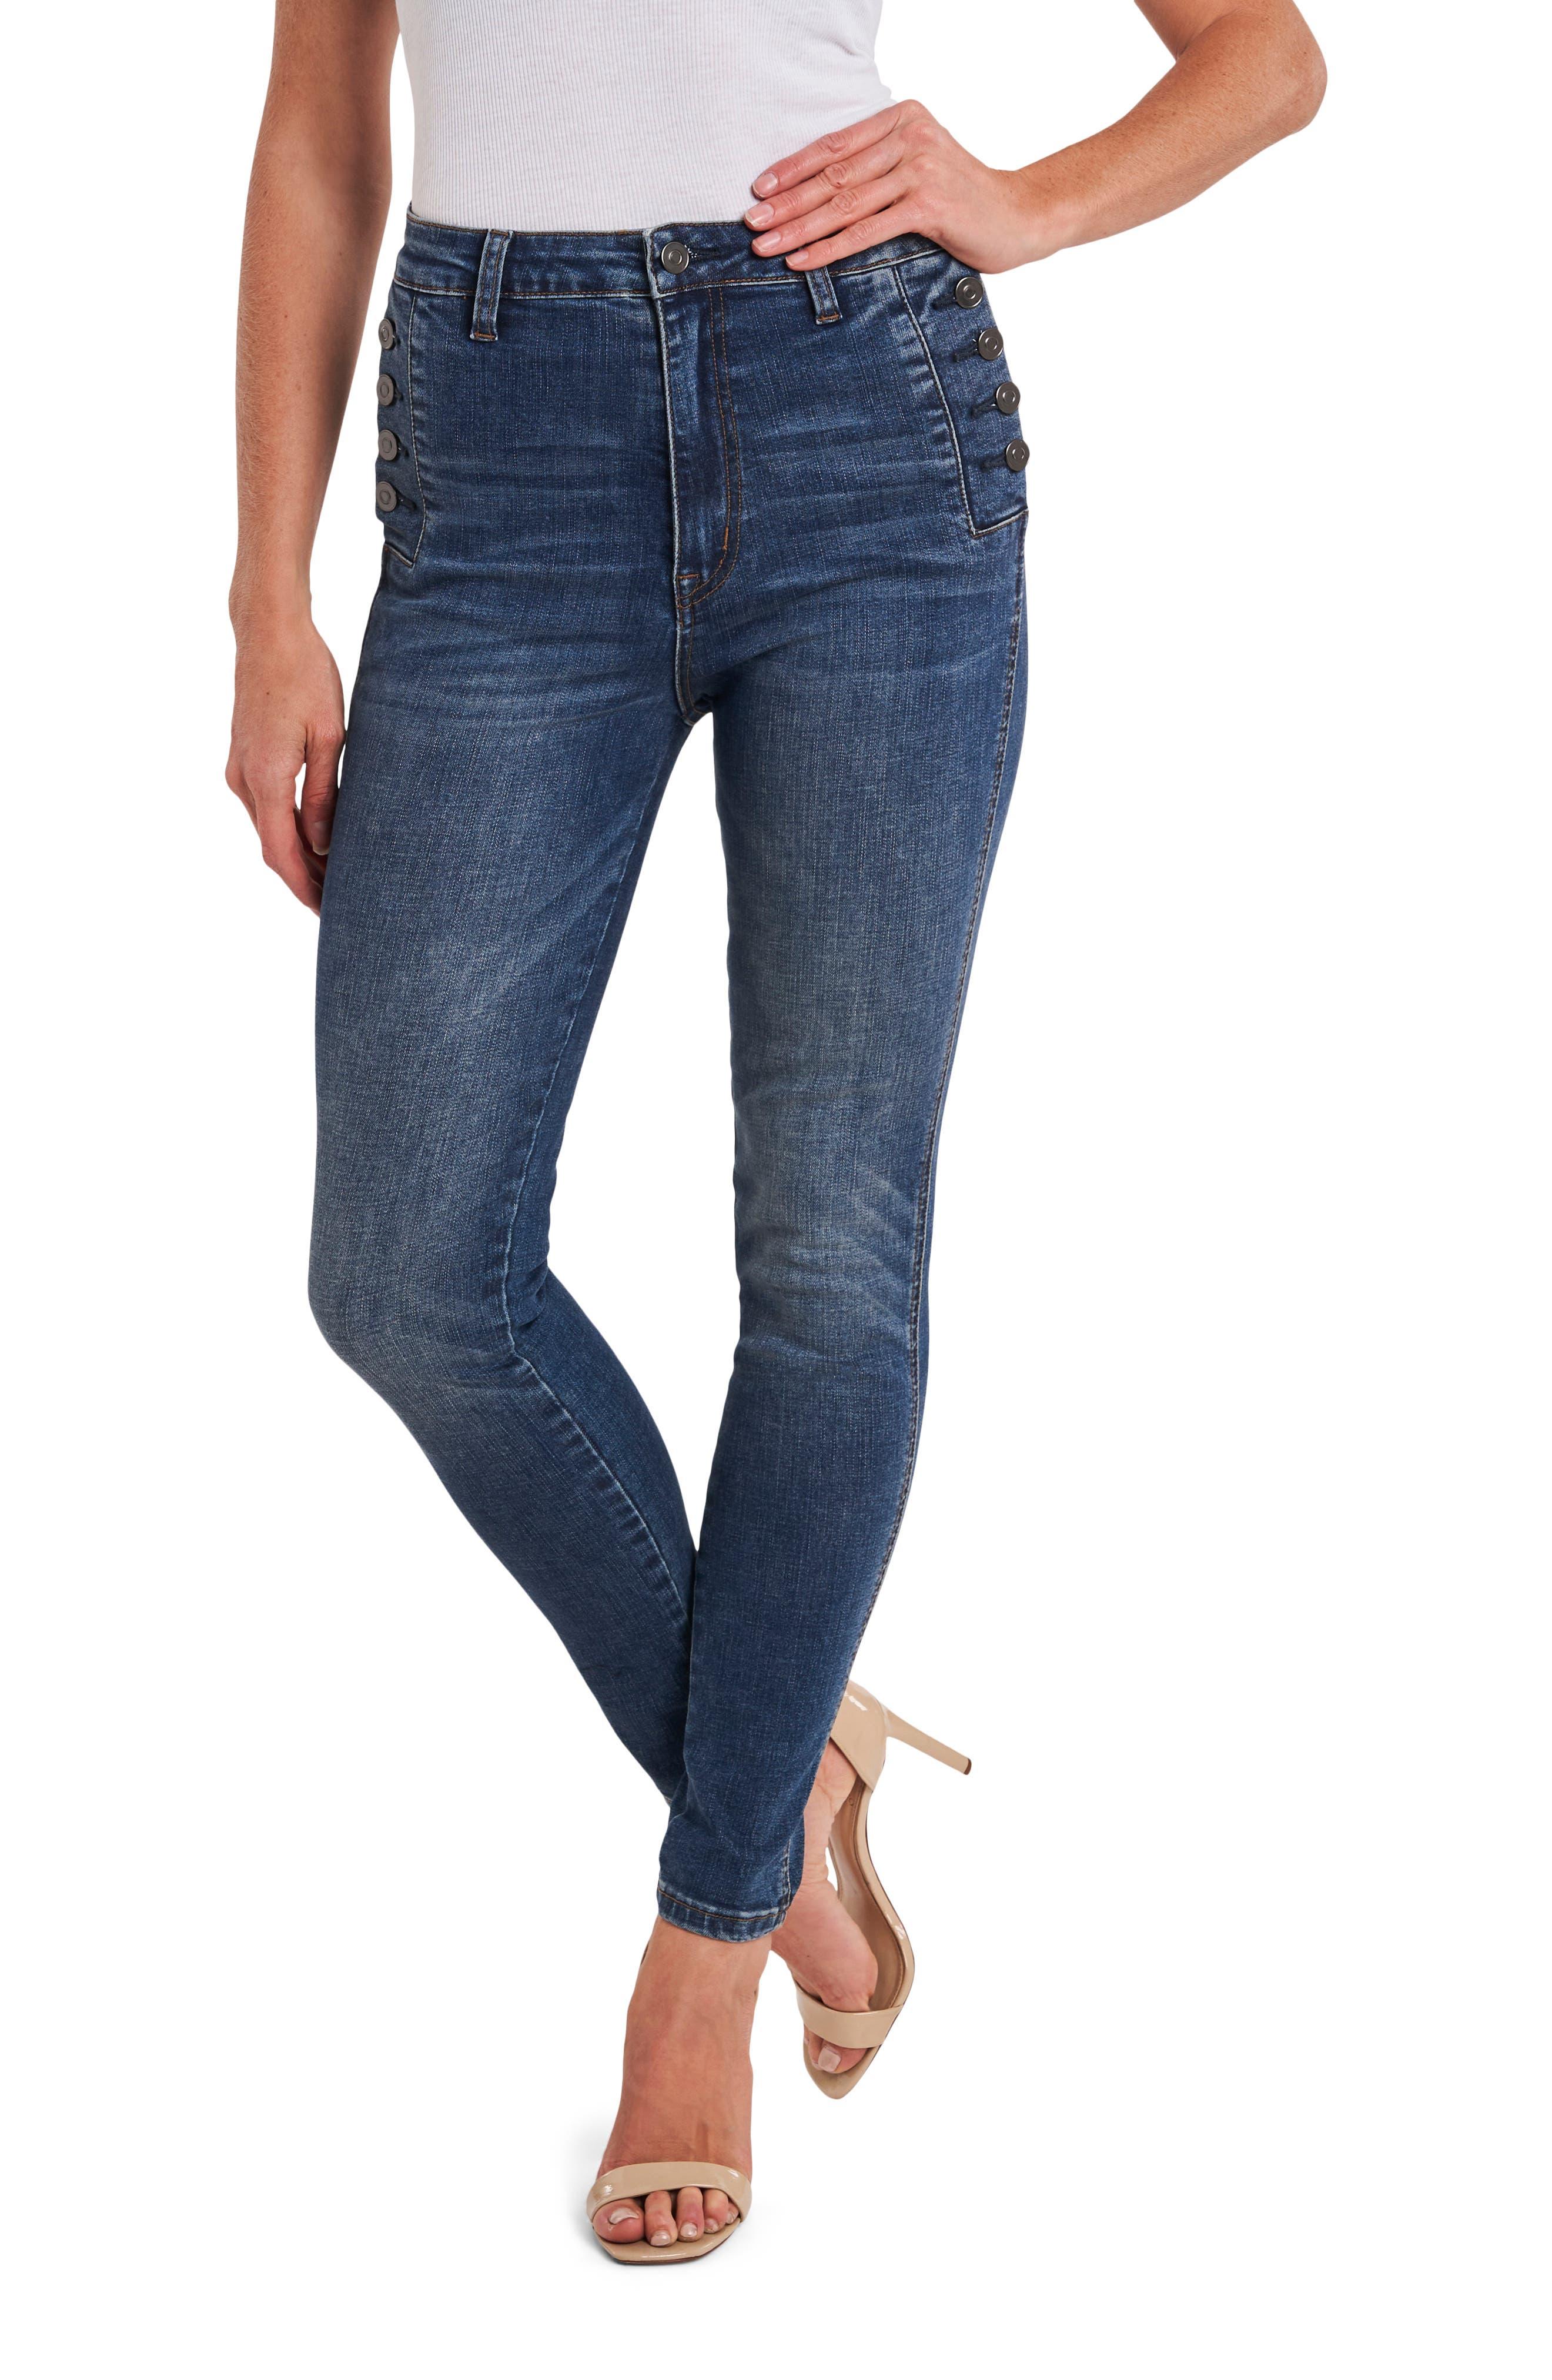 Women's Cece Button Pocket High Waist Jeans